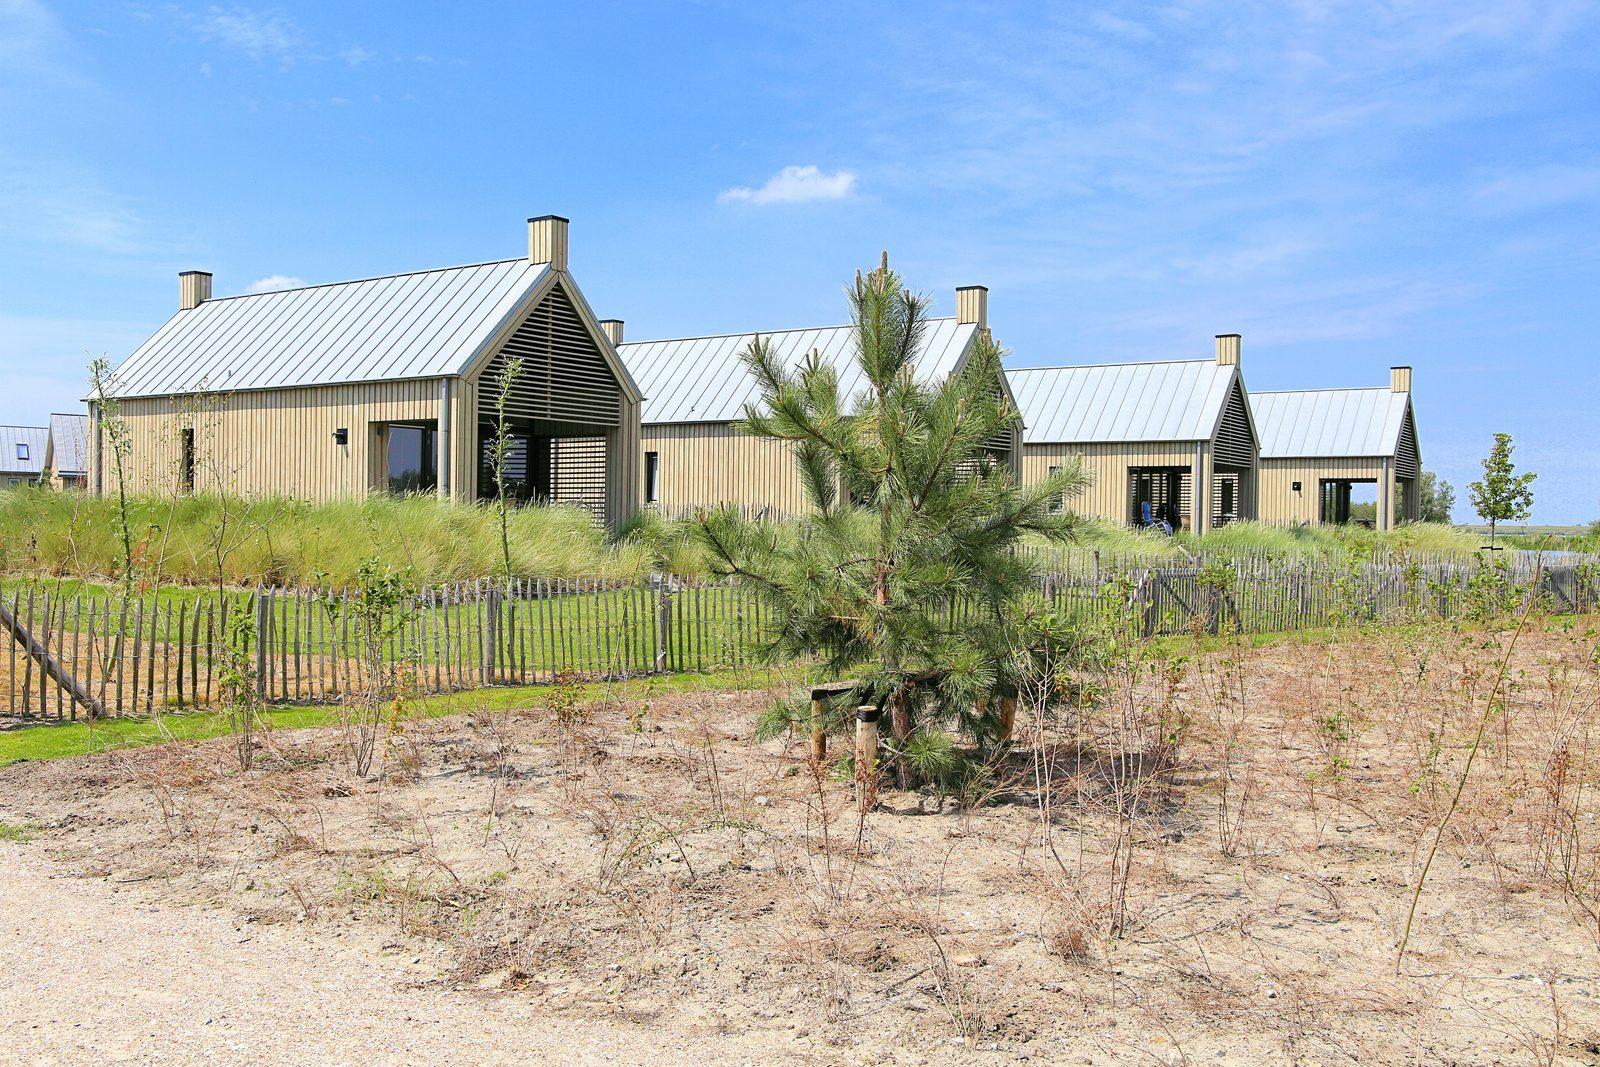 Ferienhaus in Zeeland für vier Personen